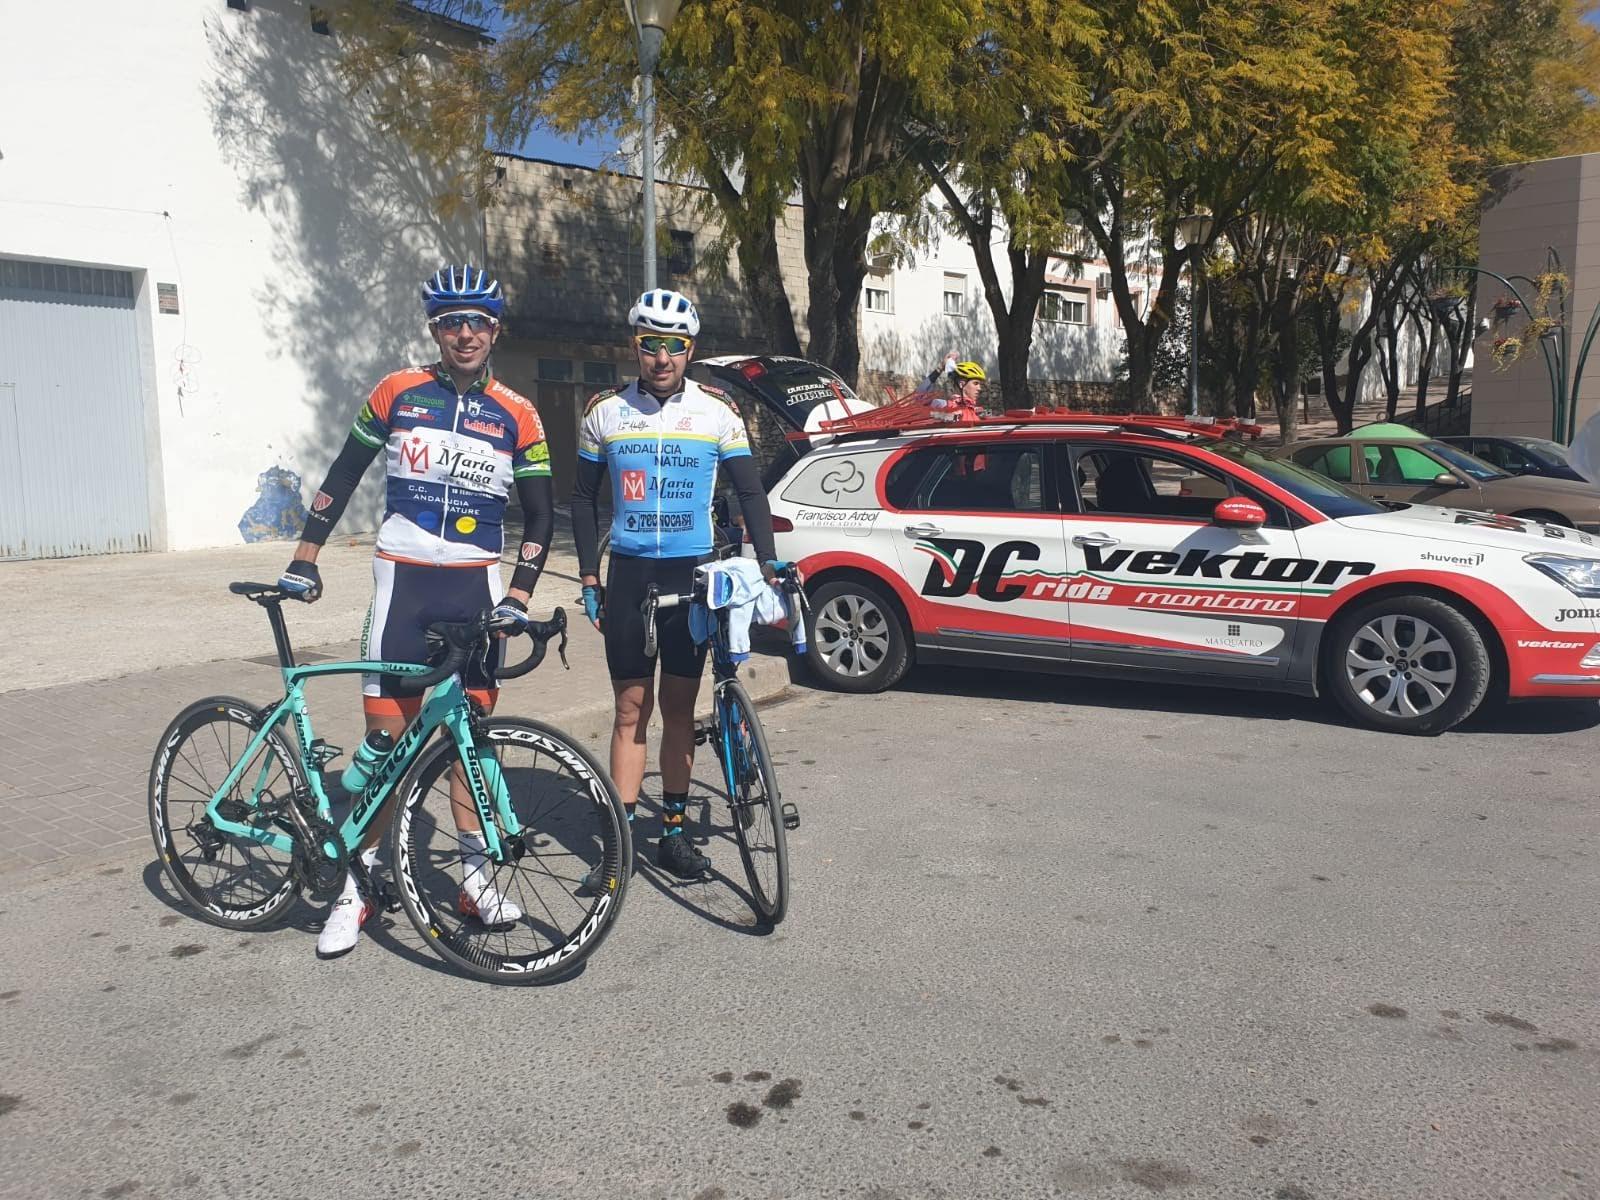 Ciclismo, comienza el ranking andaluz